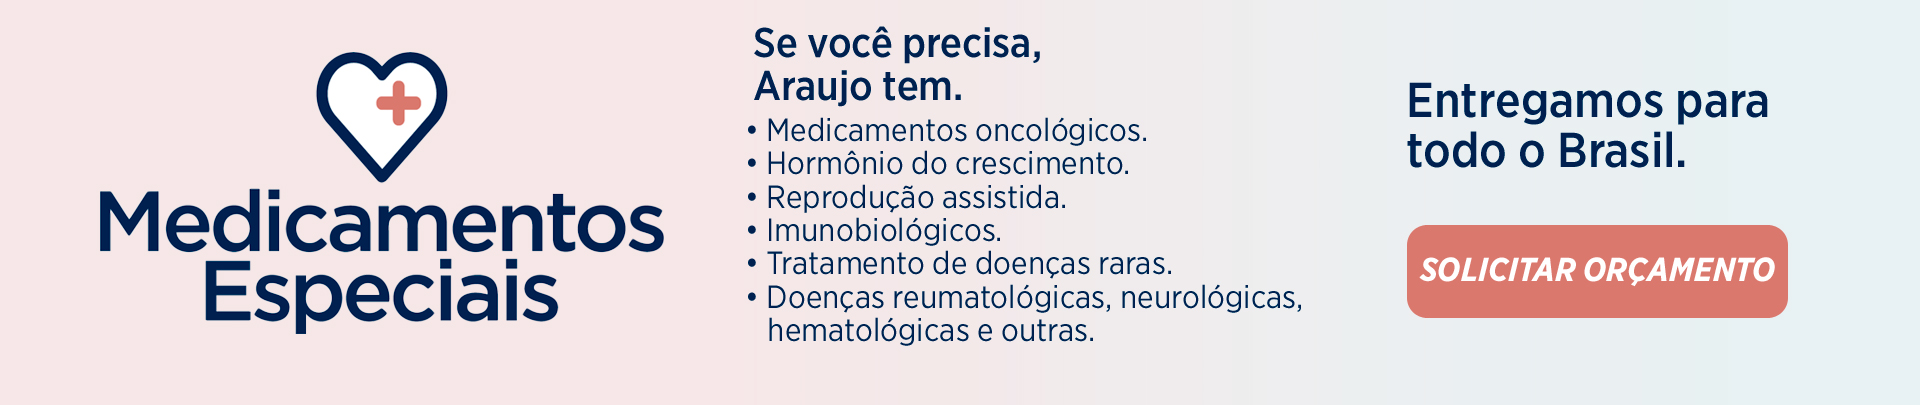 Medicamentos-Especiais